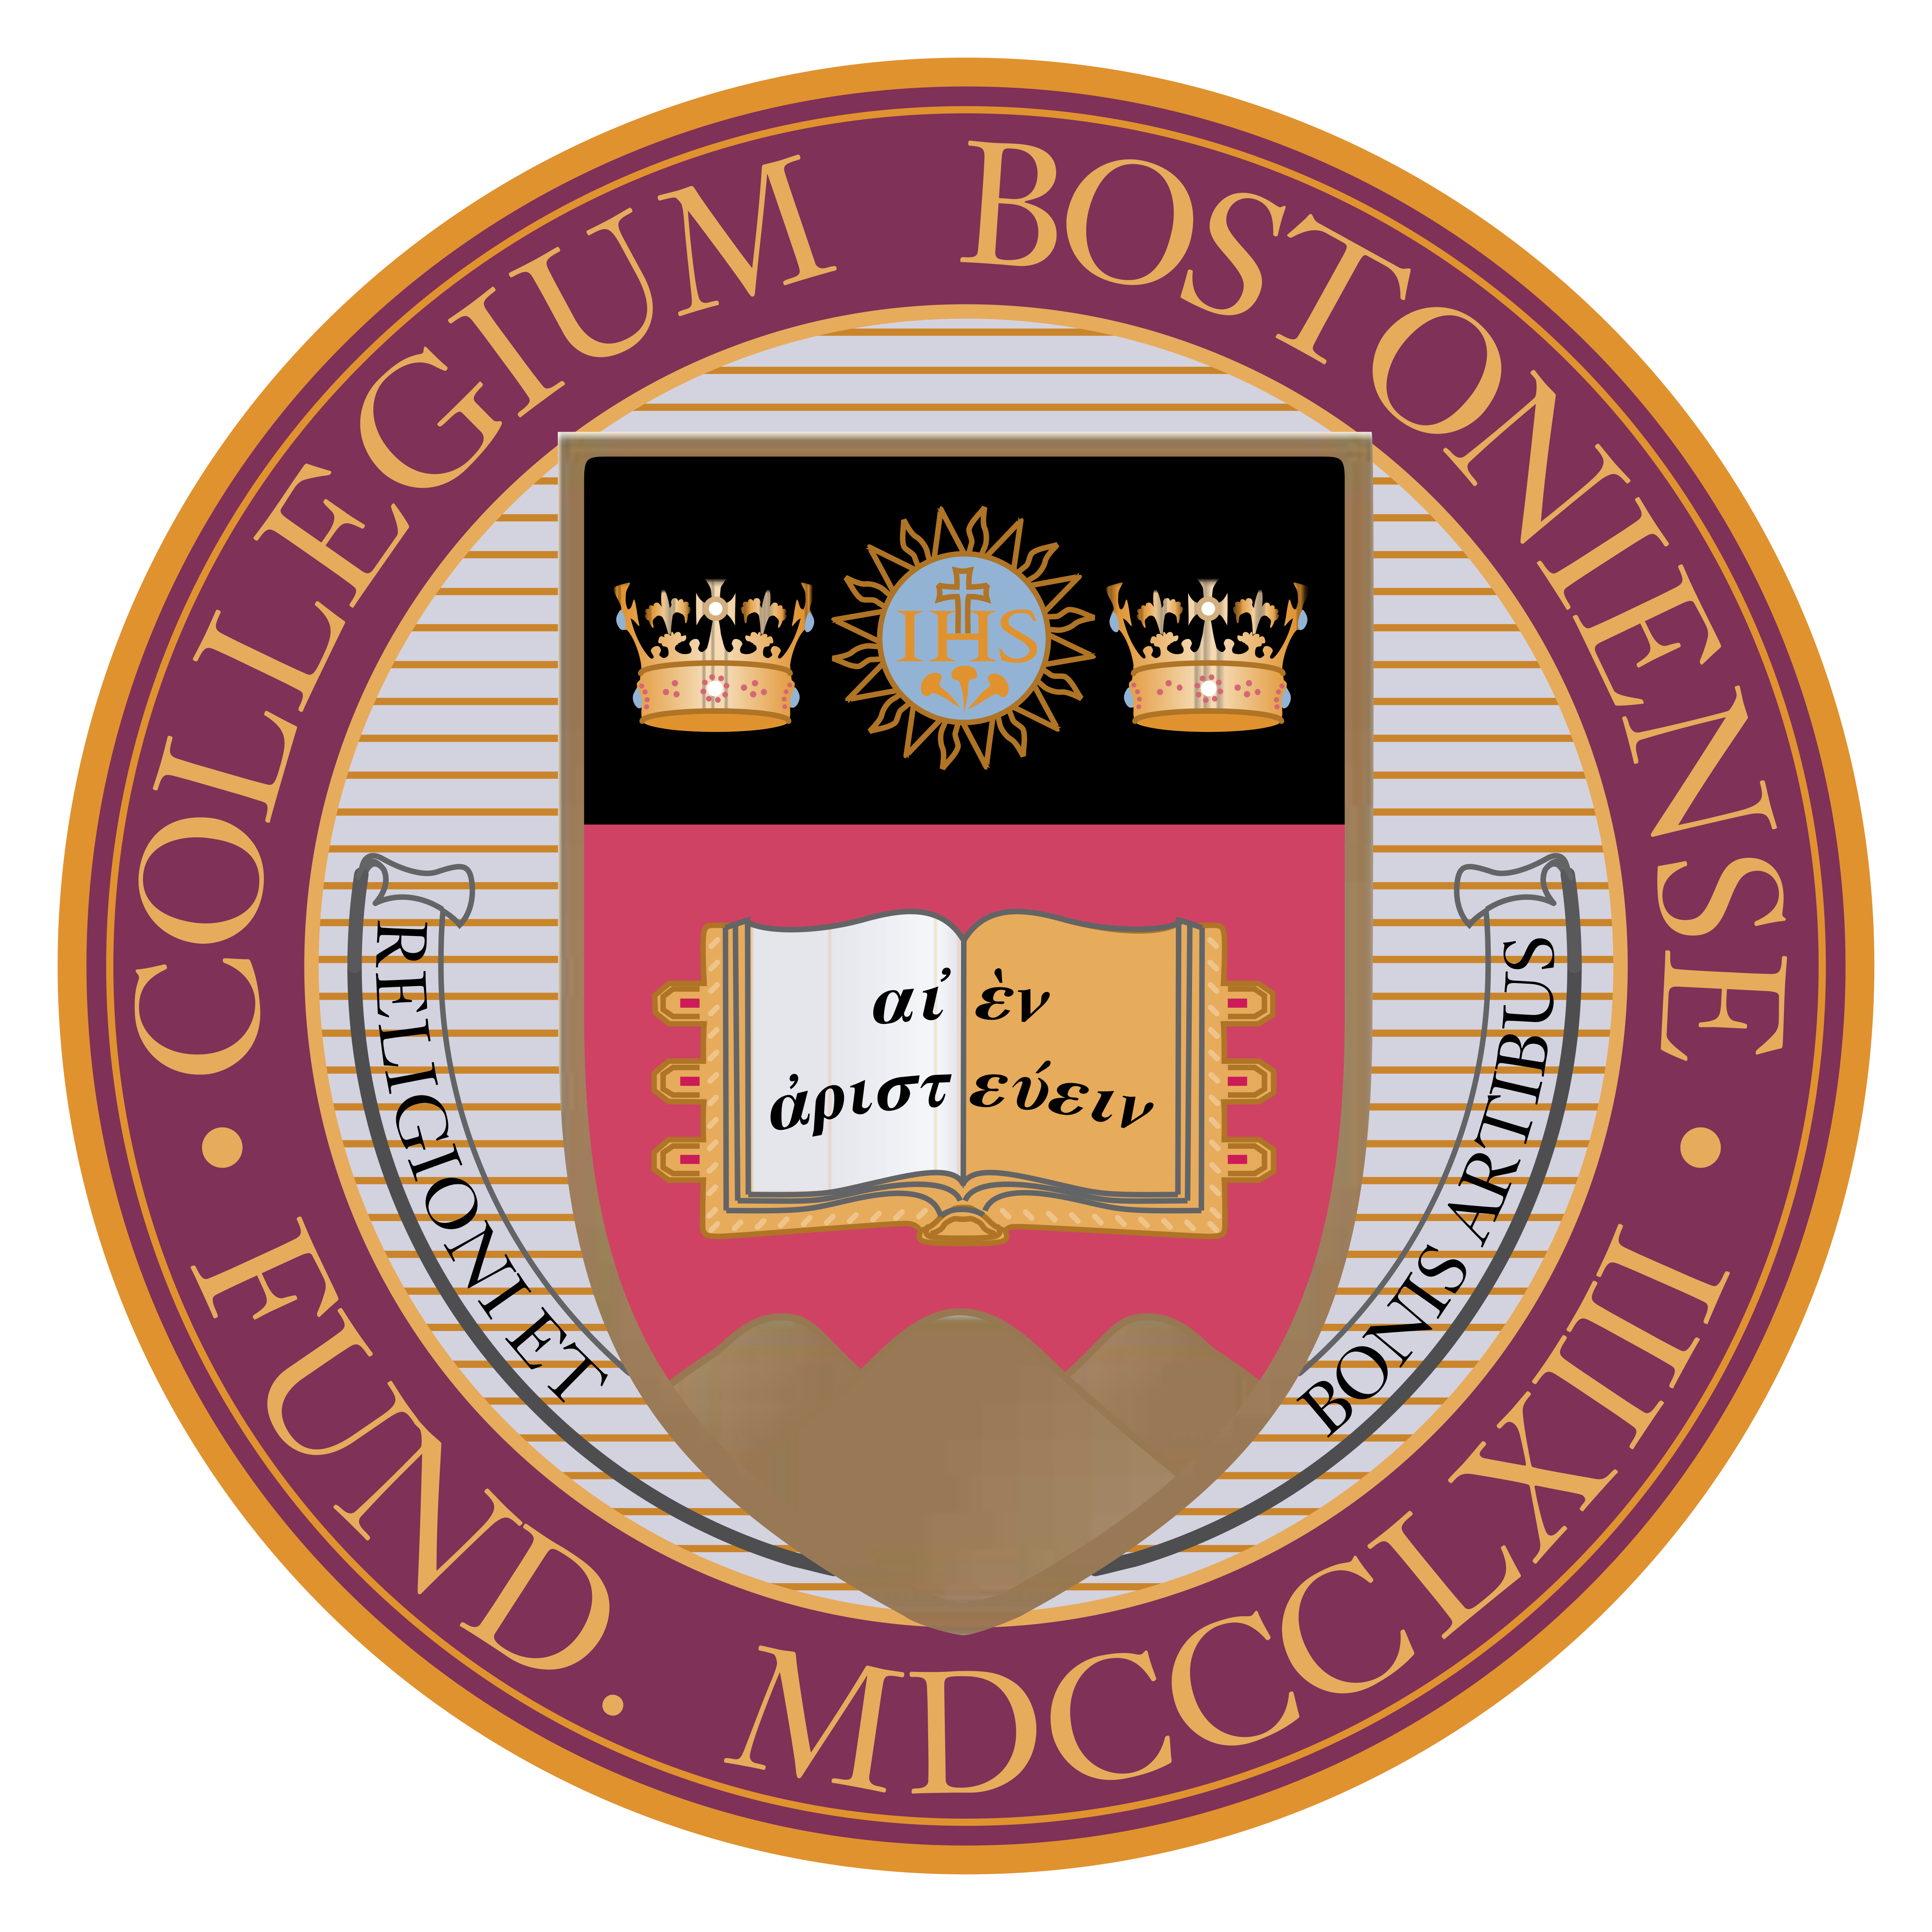 boston college logos download rh logos download com boston college logo history boston college logo images